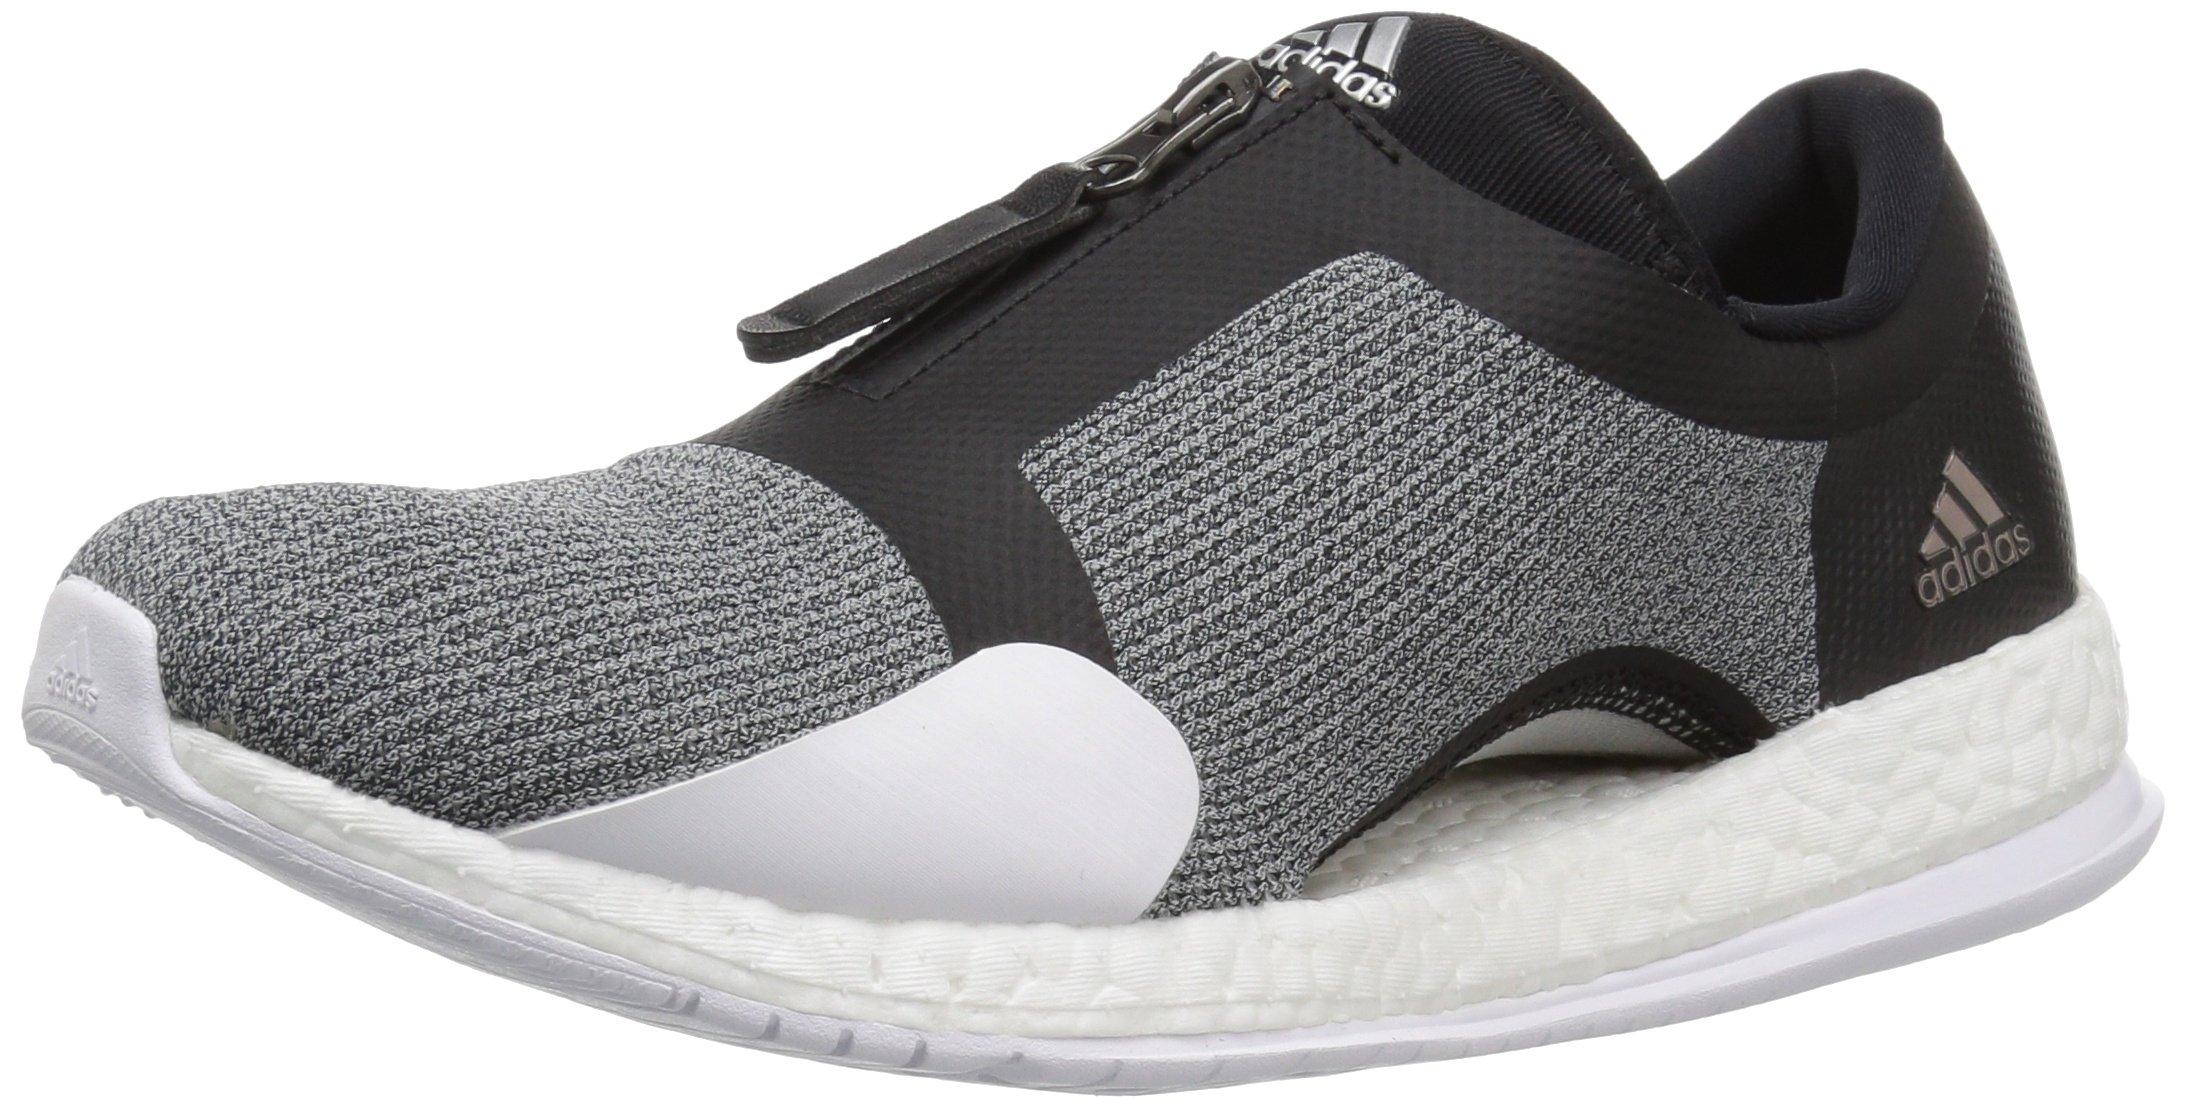 Archive | Adidas PureBOOST X TR Zip W | bb3290